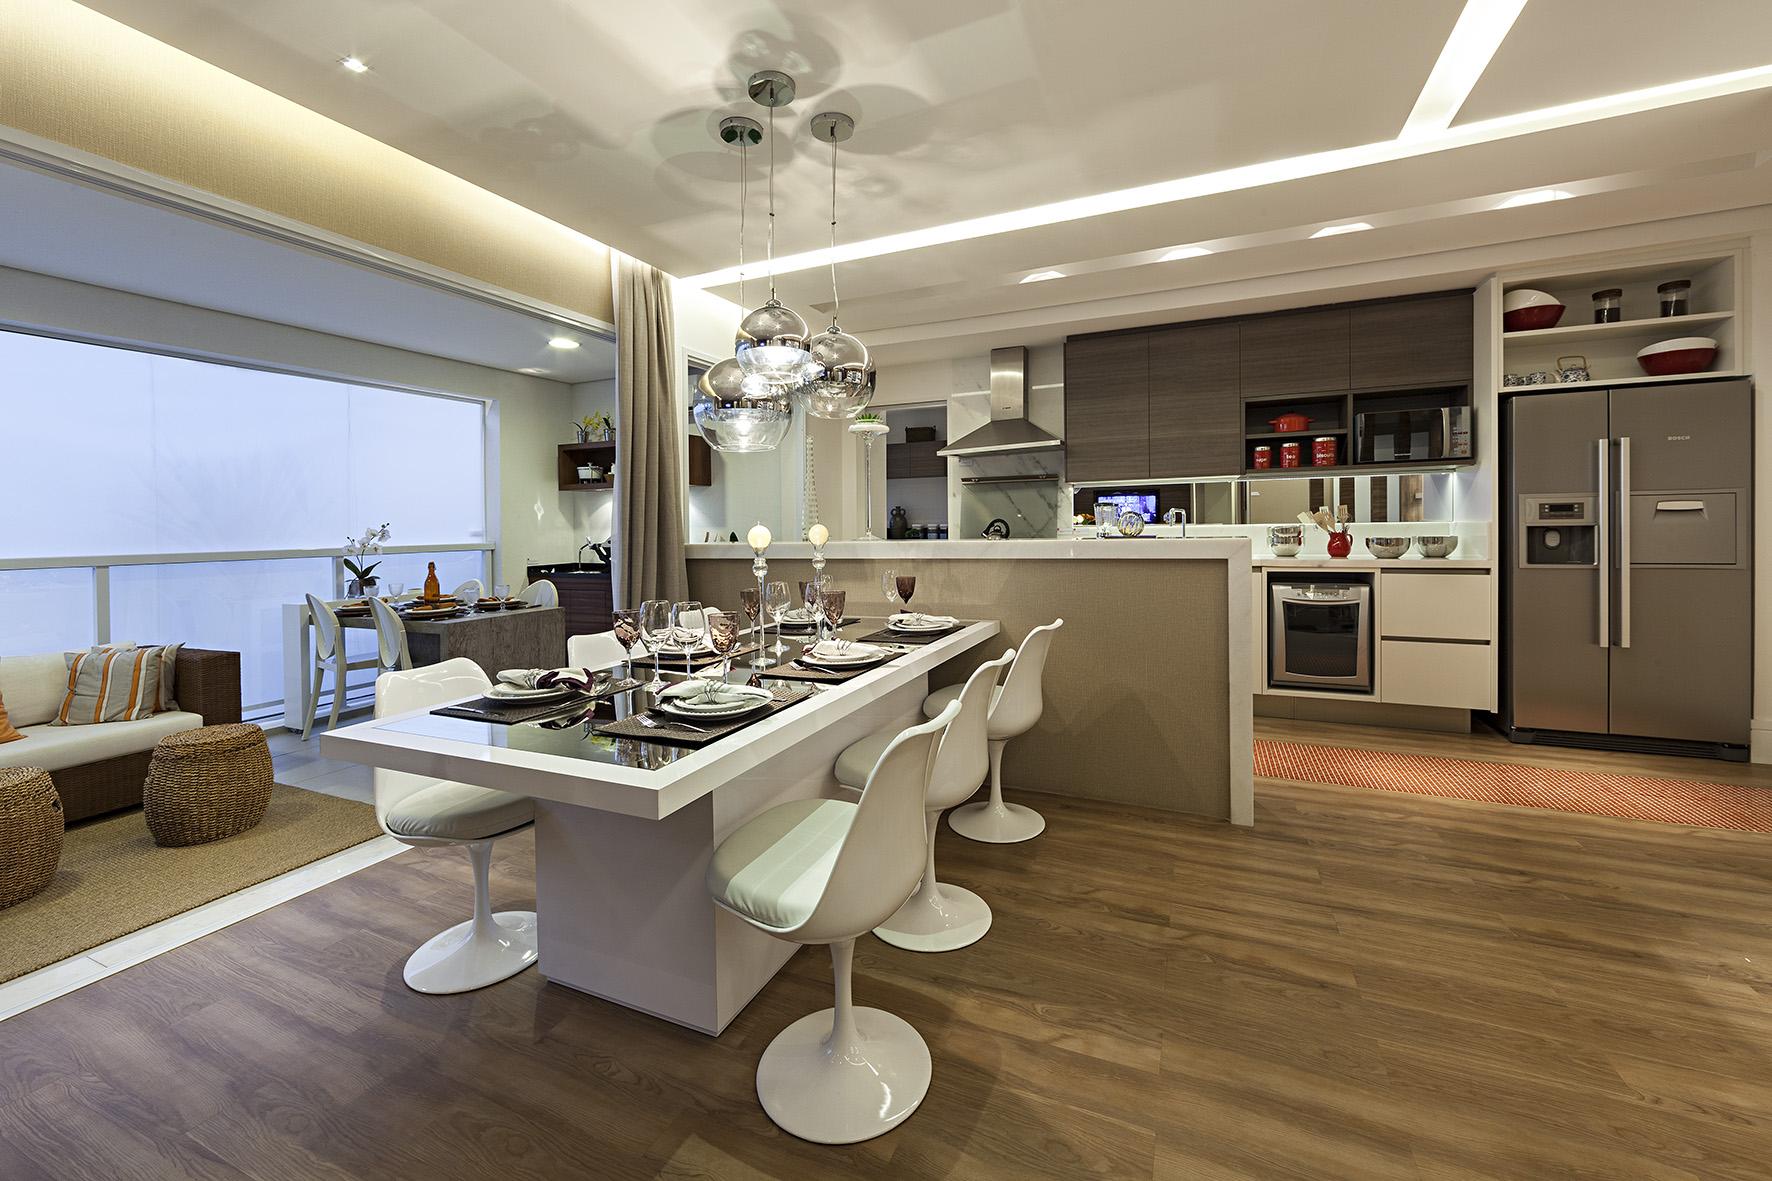 Cozinha - Decorado 141m² NEW PARKER